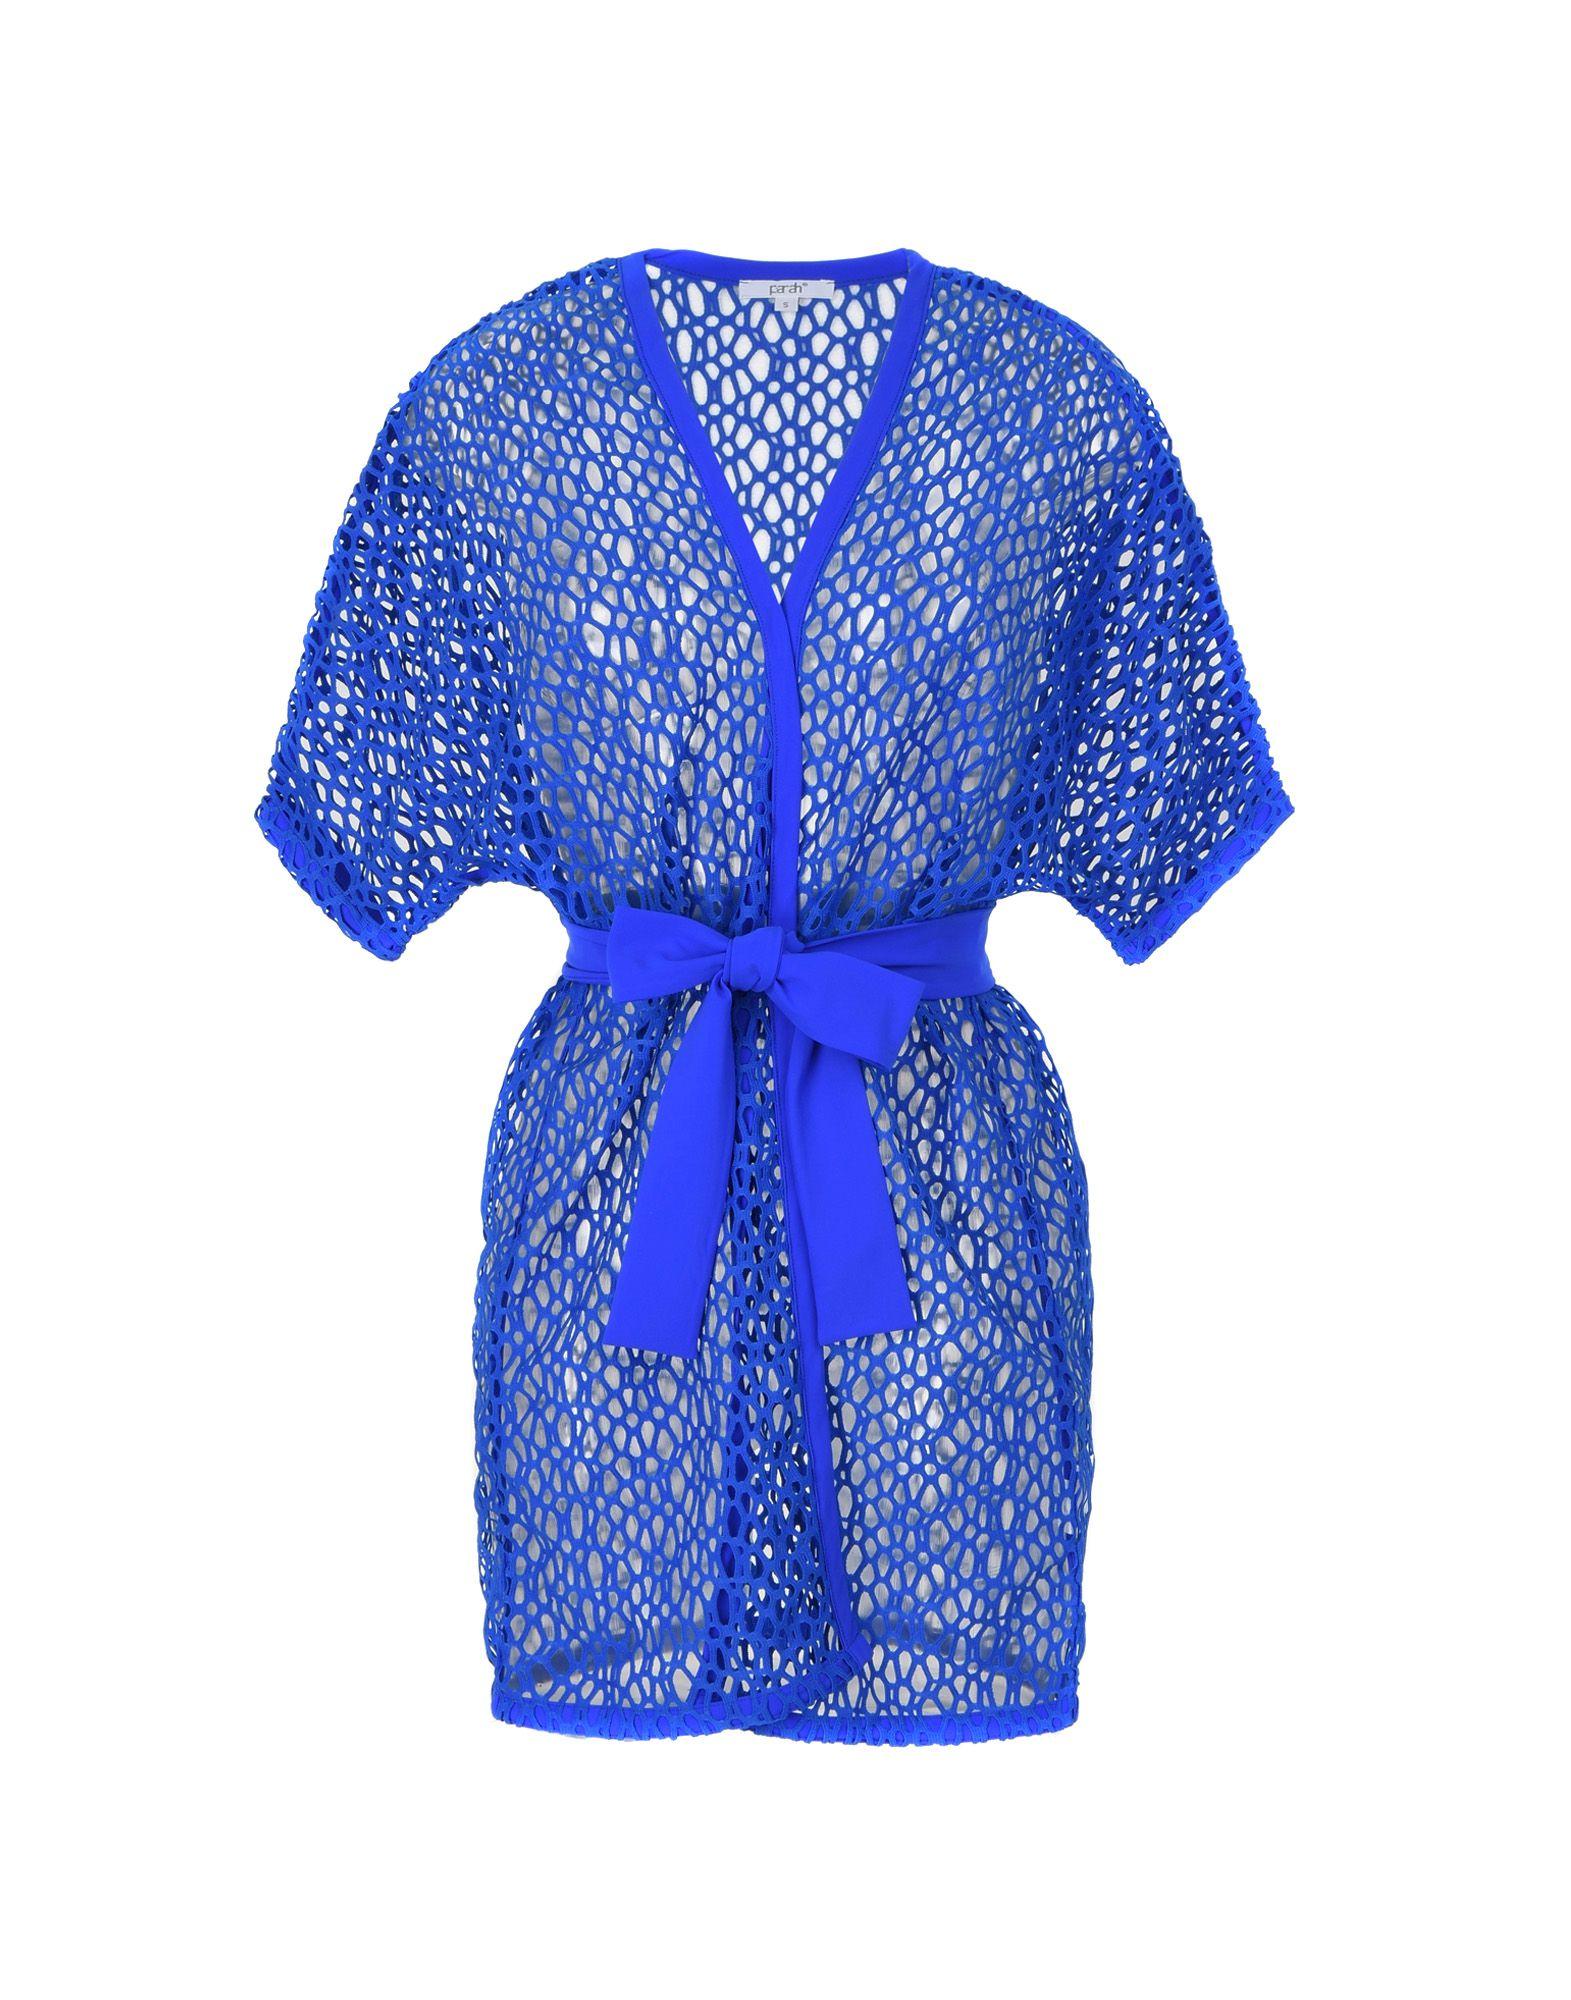 《送料無料》PARAH レディース ビーチドレス ブライトブルー S ポリエステル 100% Kimono